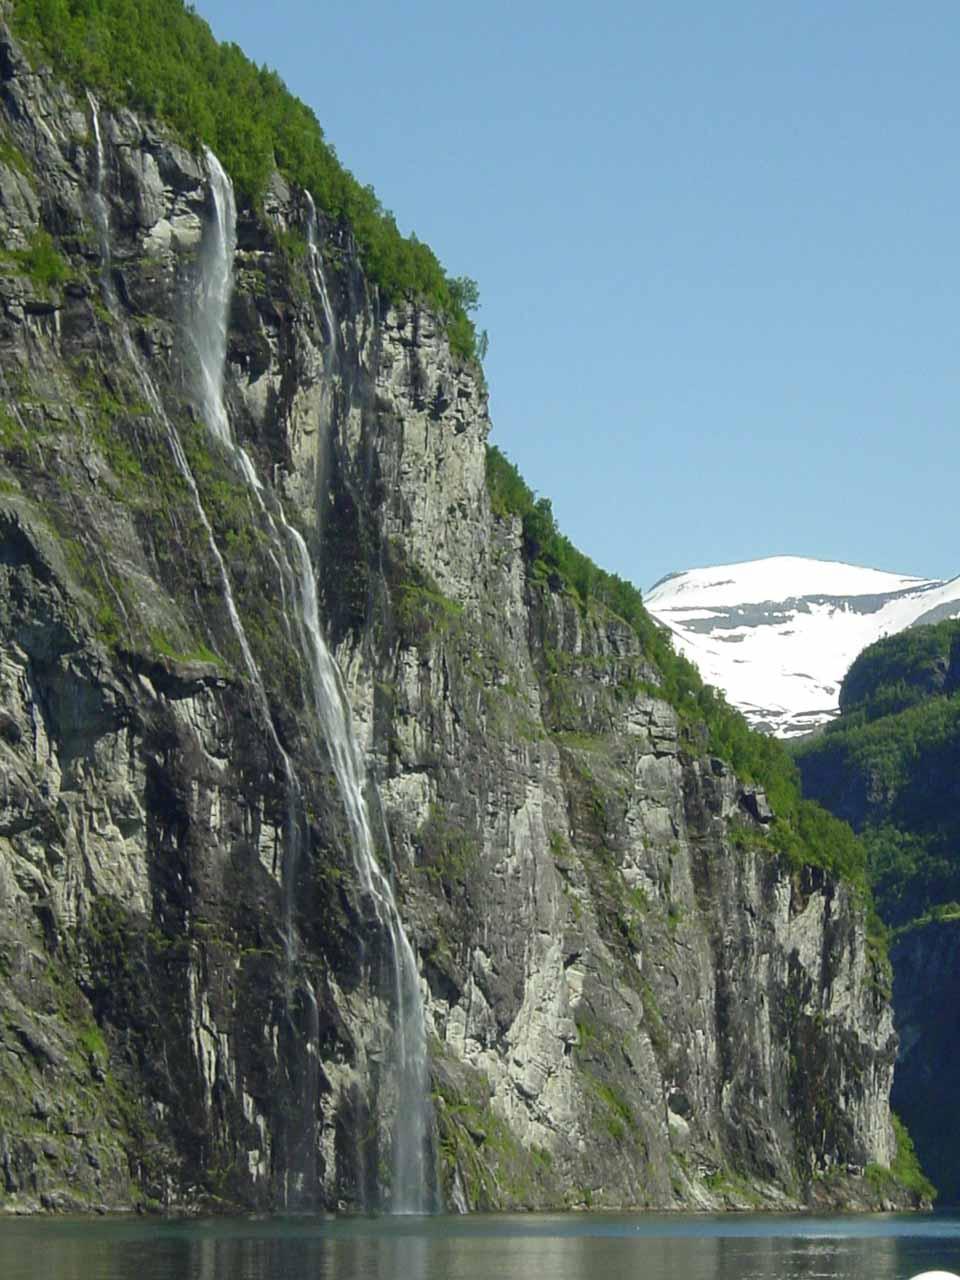 Looking back at Brudesløret